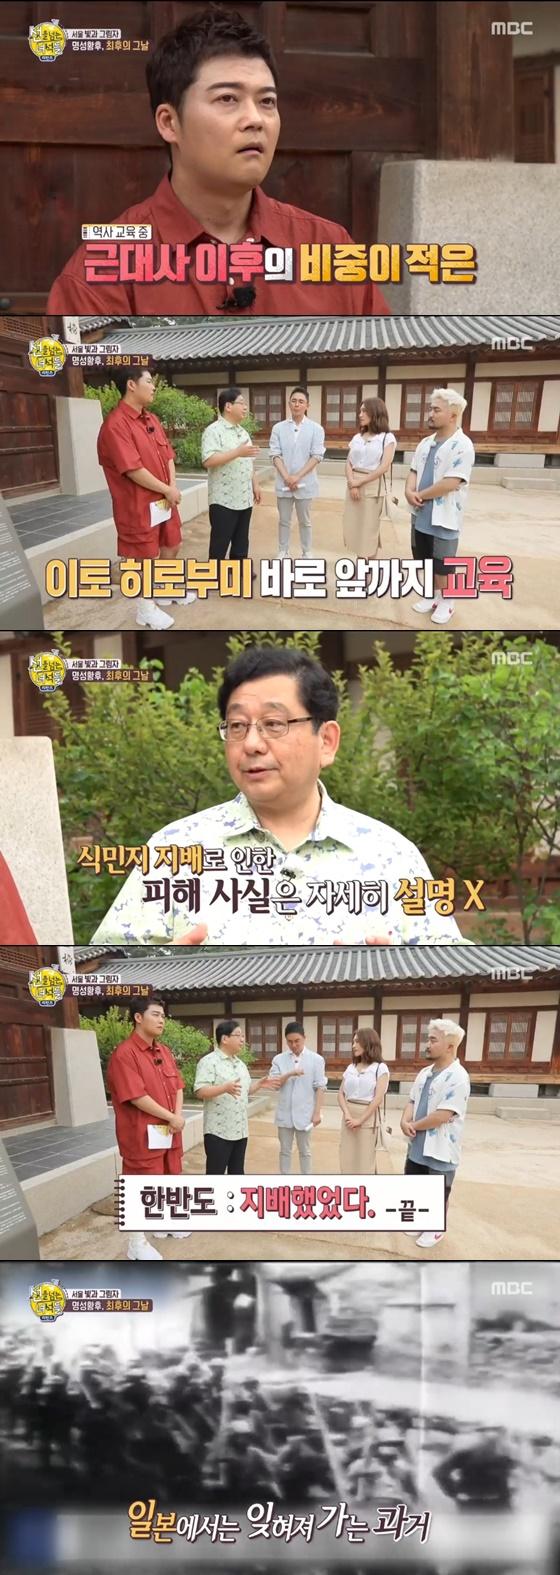 /사진= MBC 주말 예능 '선을 넘는 녀석들' 방송 화면